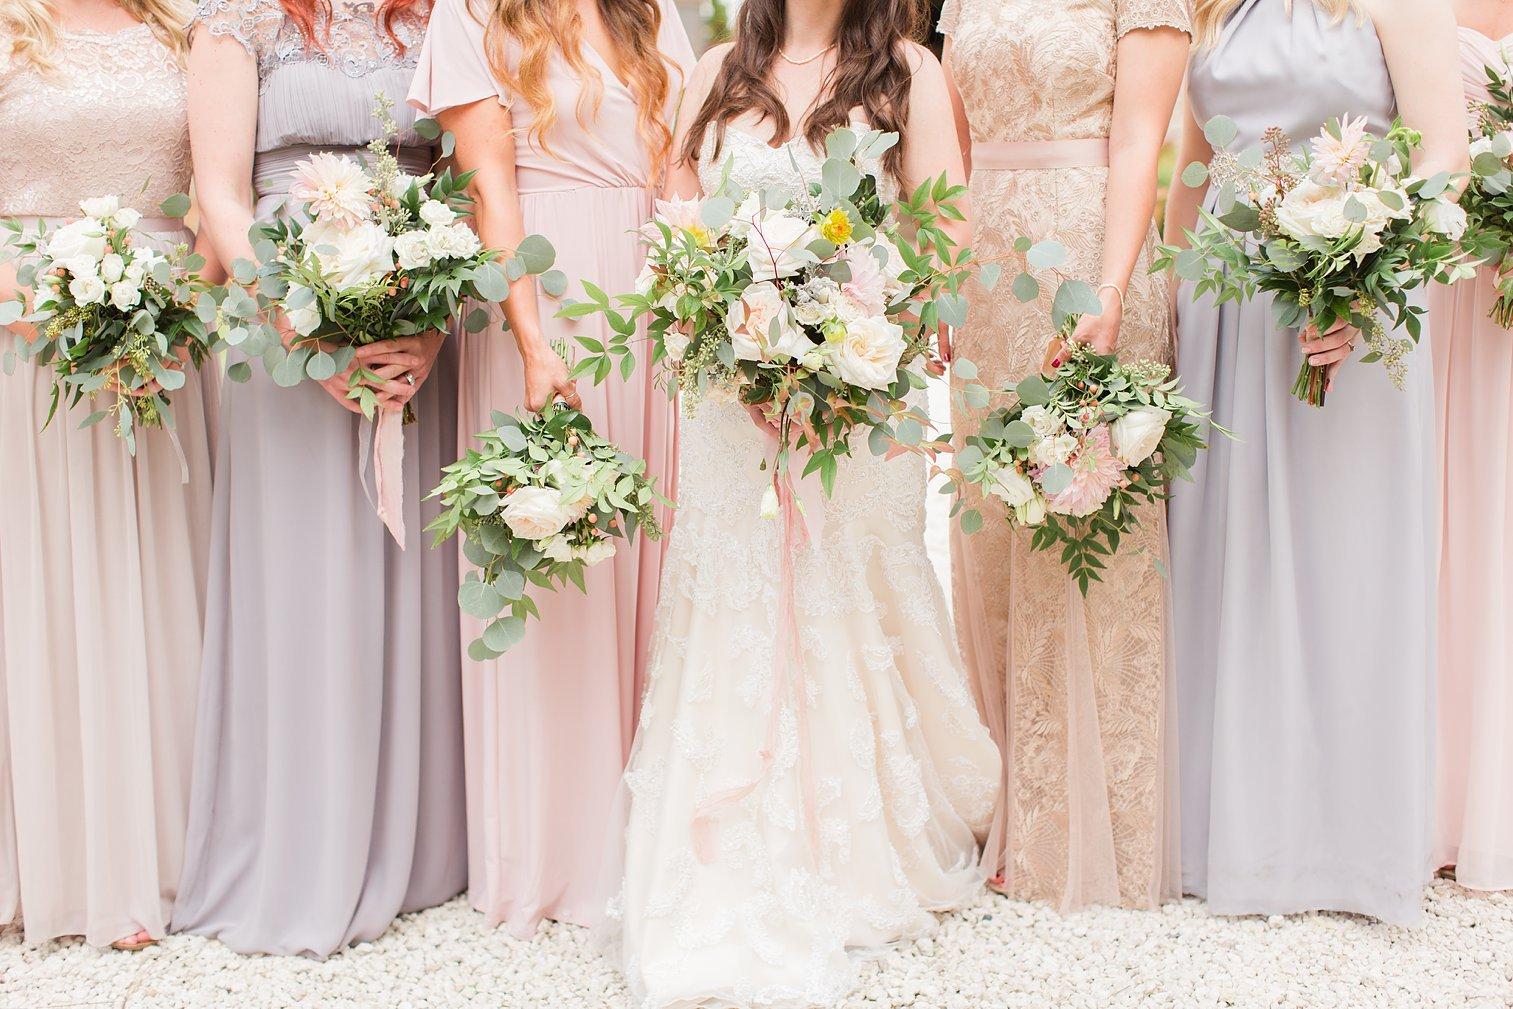 Blush-bridesmaid dresses-bouquets-bride-wedding party-beautiful-mismatched dresses